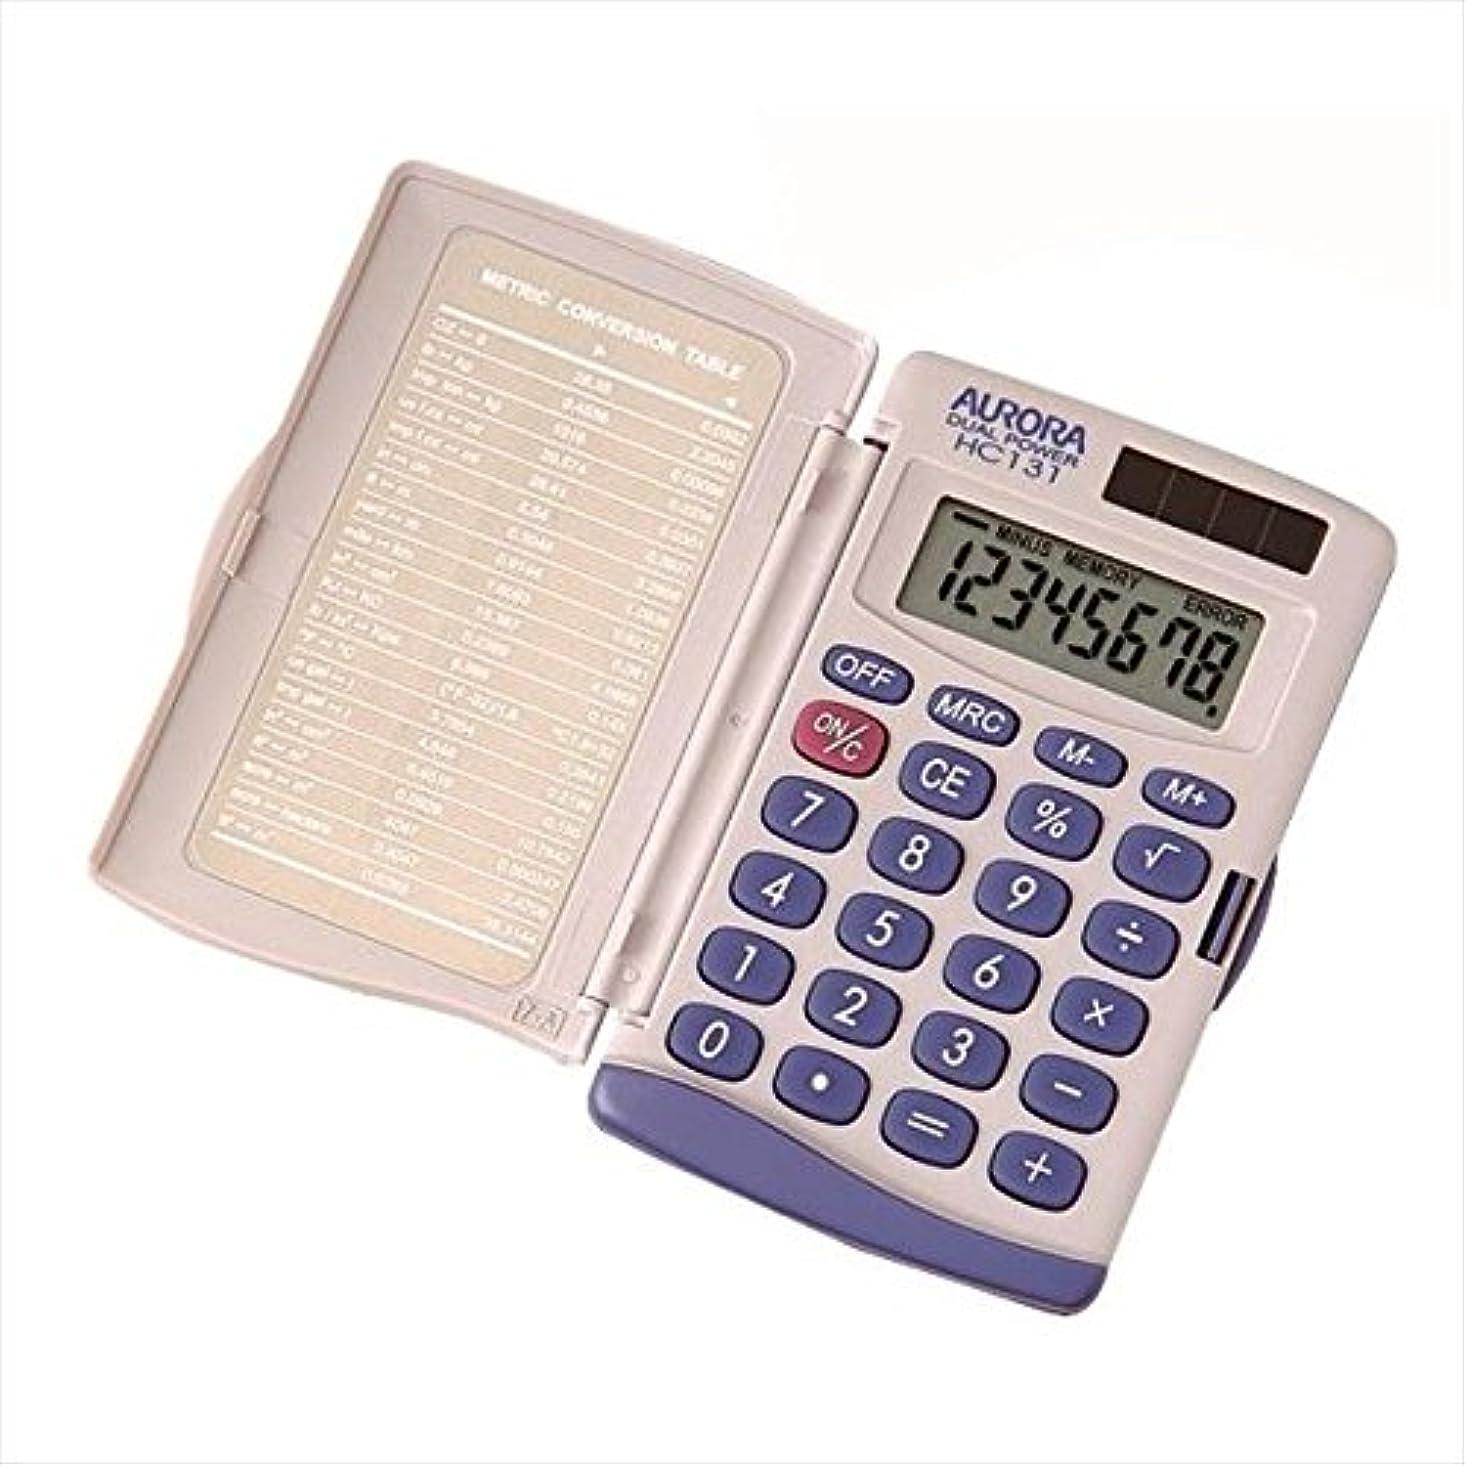 ぶら下がる買収唯物論オーロラジャパン 電卓 ハンディ電卓 8桁表示 HC131